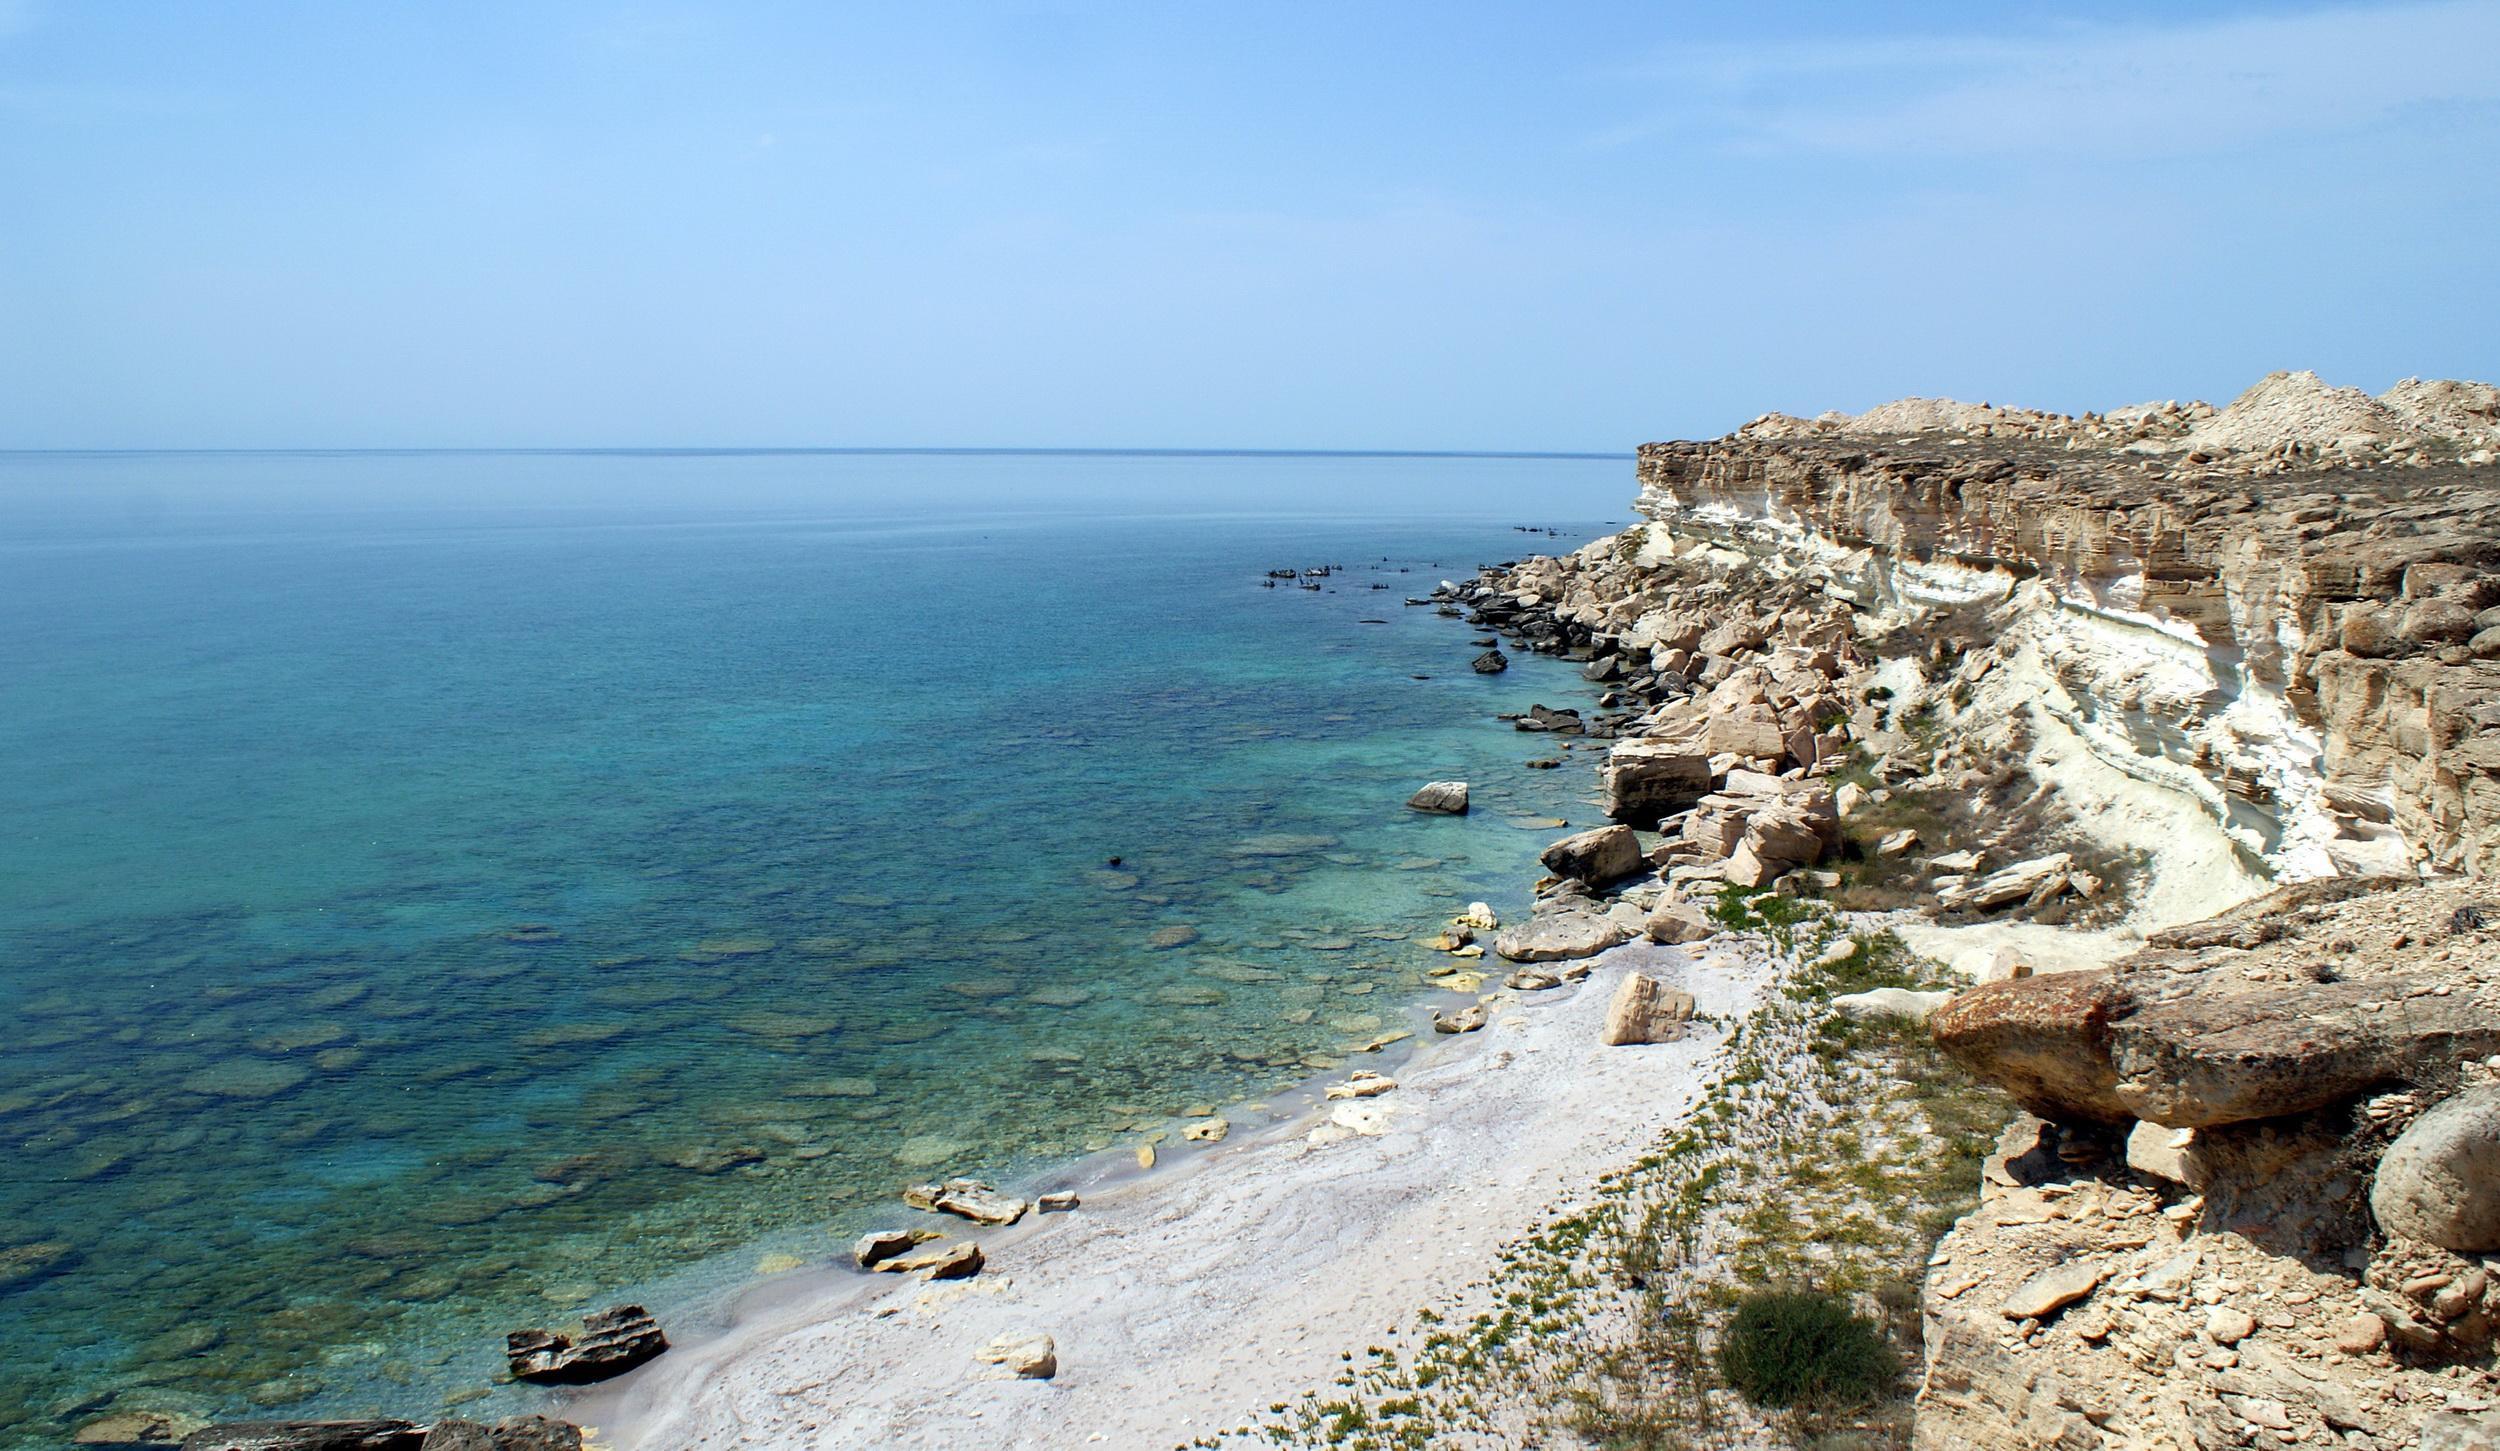 берег каспийского моря фото вообще делать